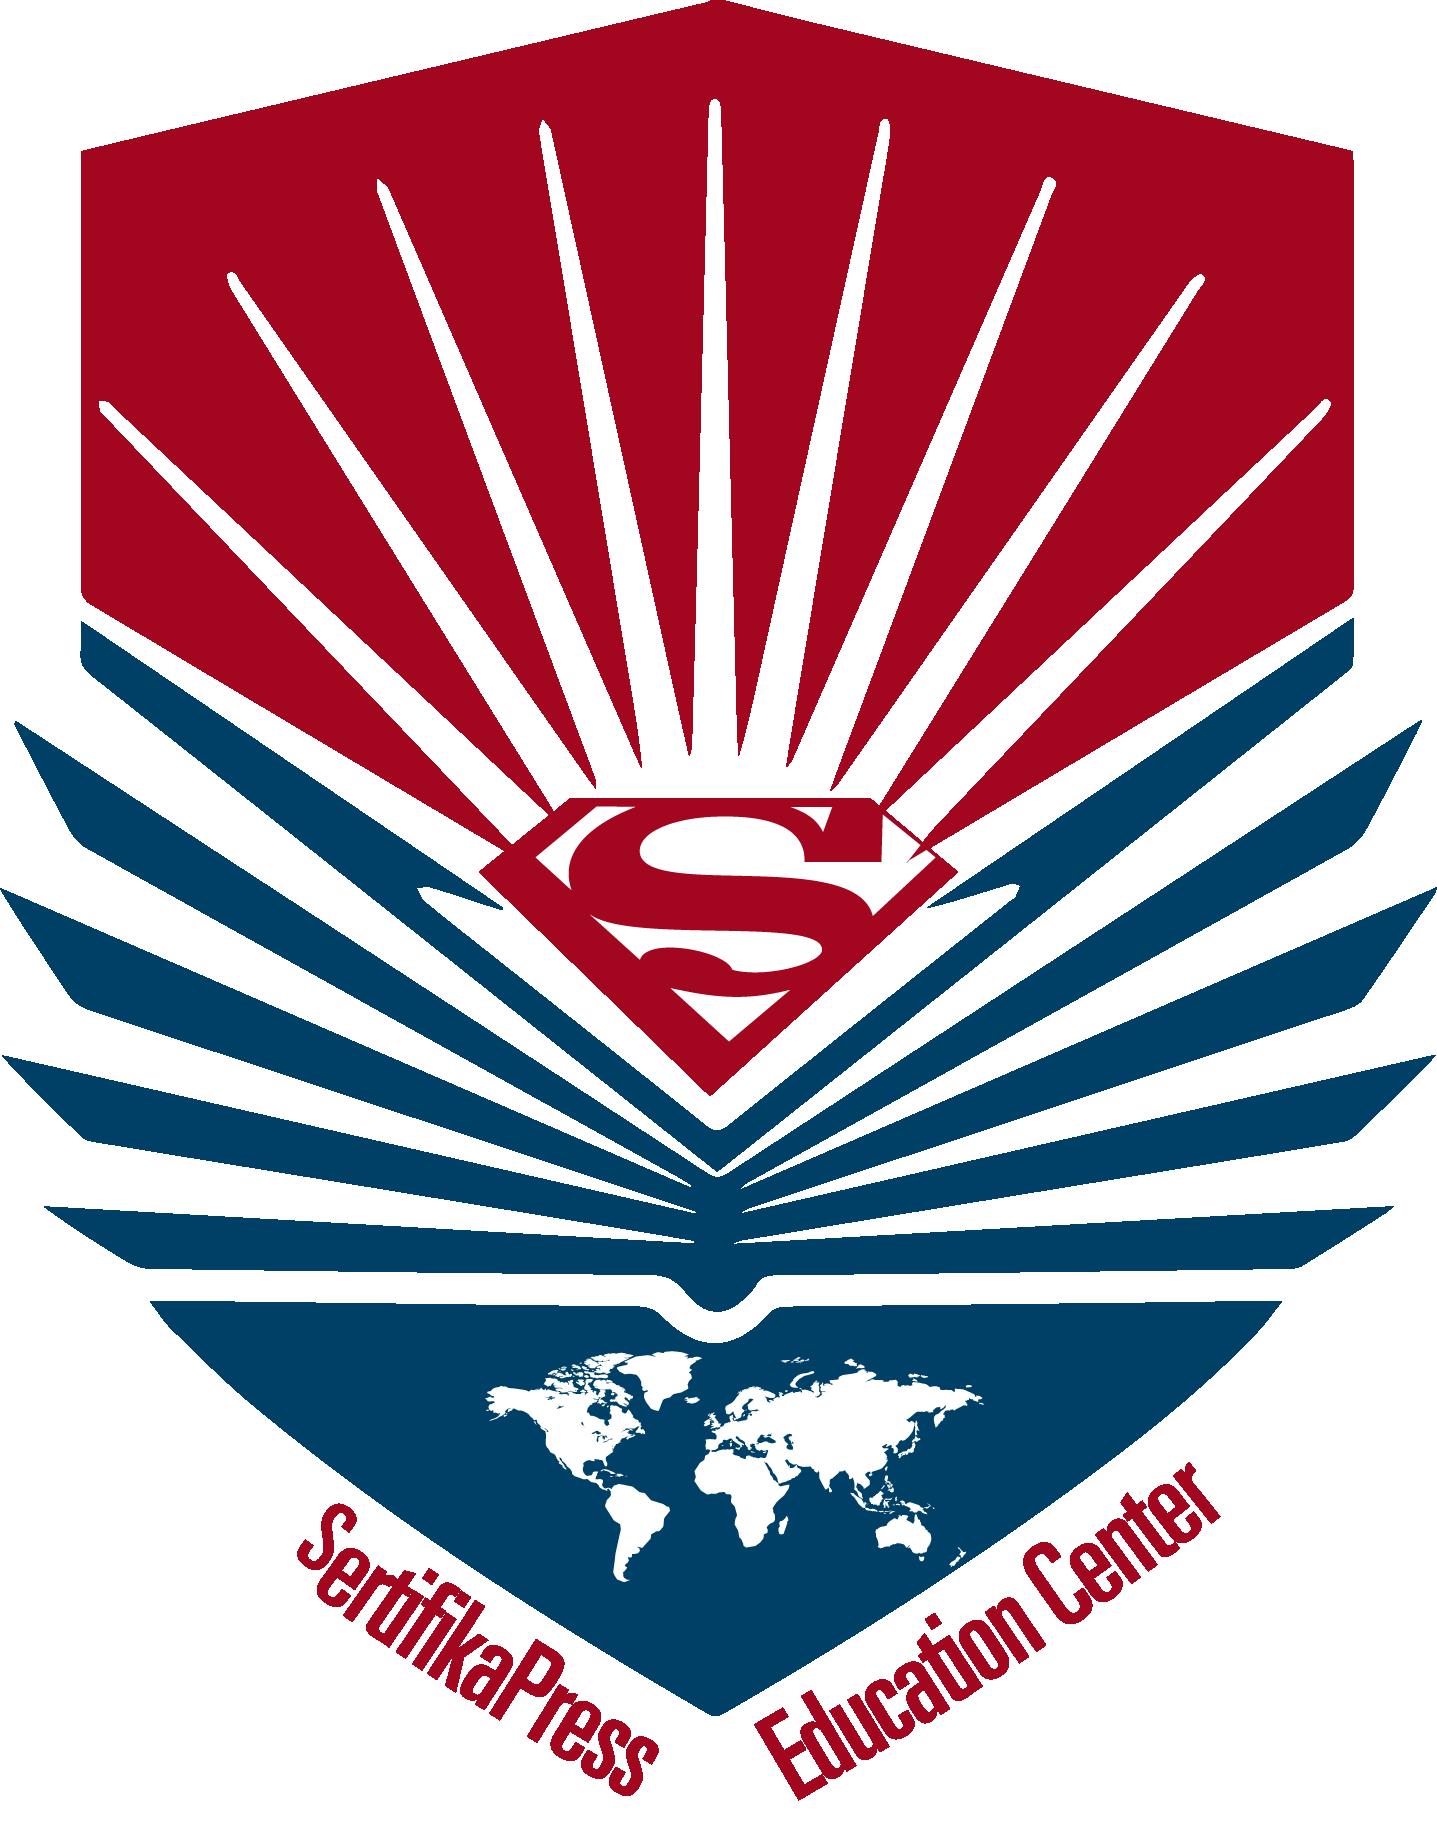 www.sertifikapress.edu.ge